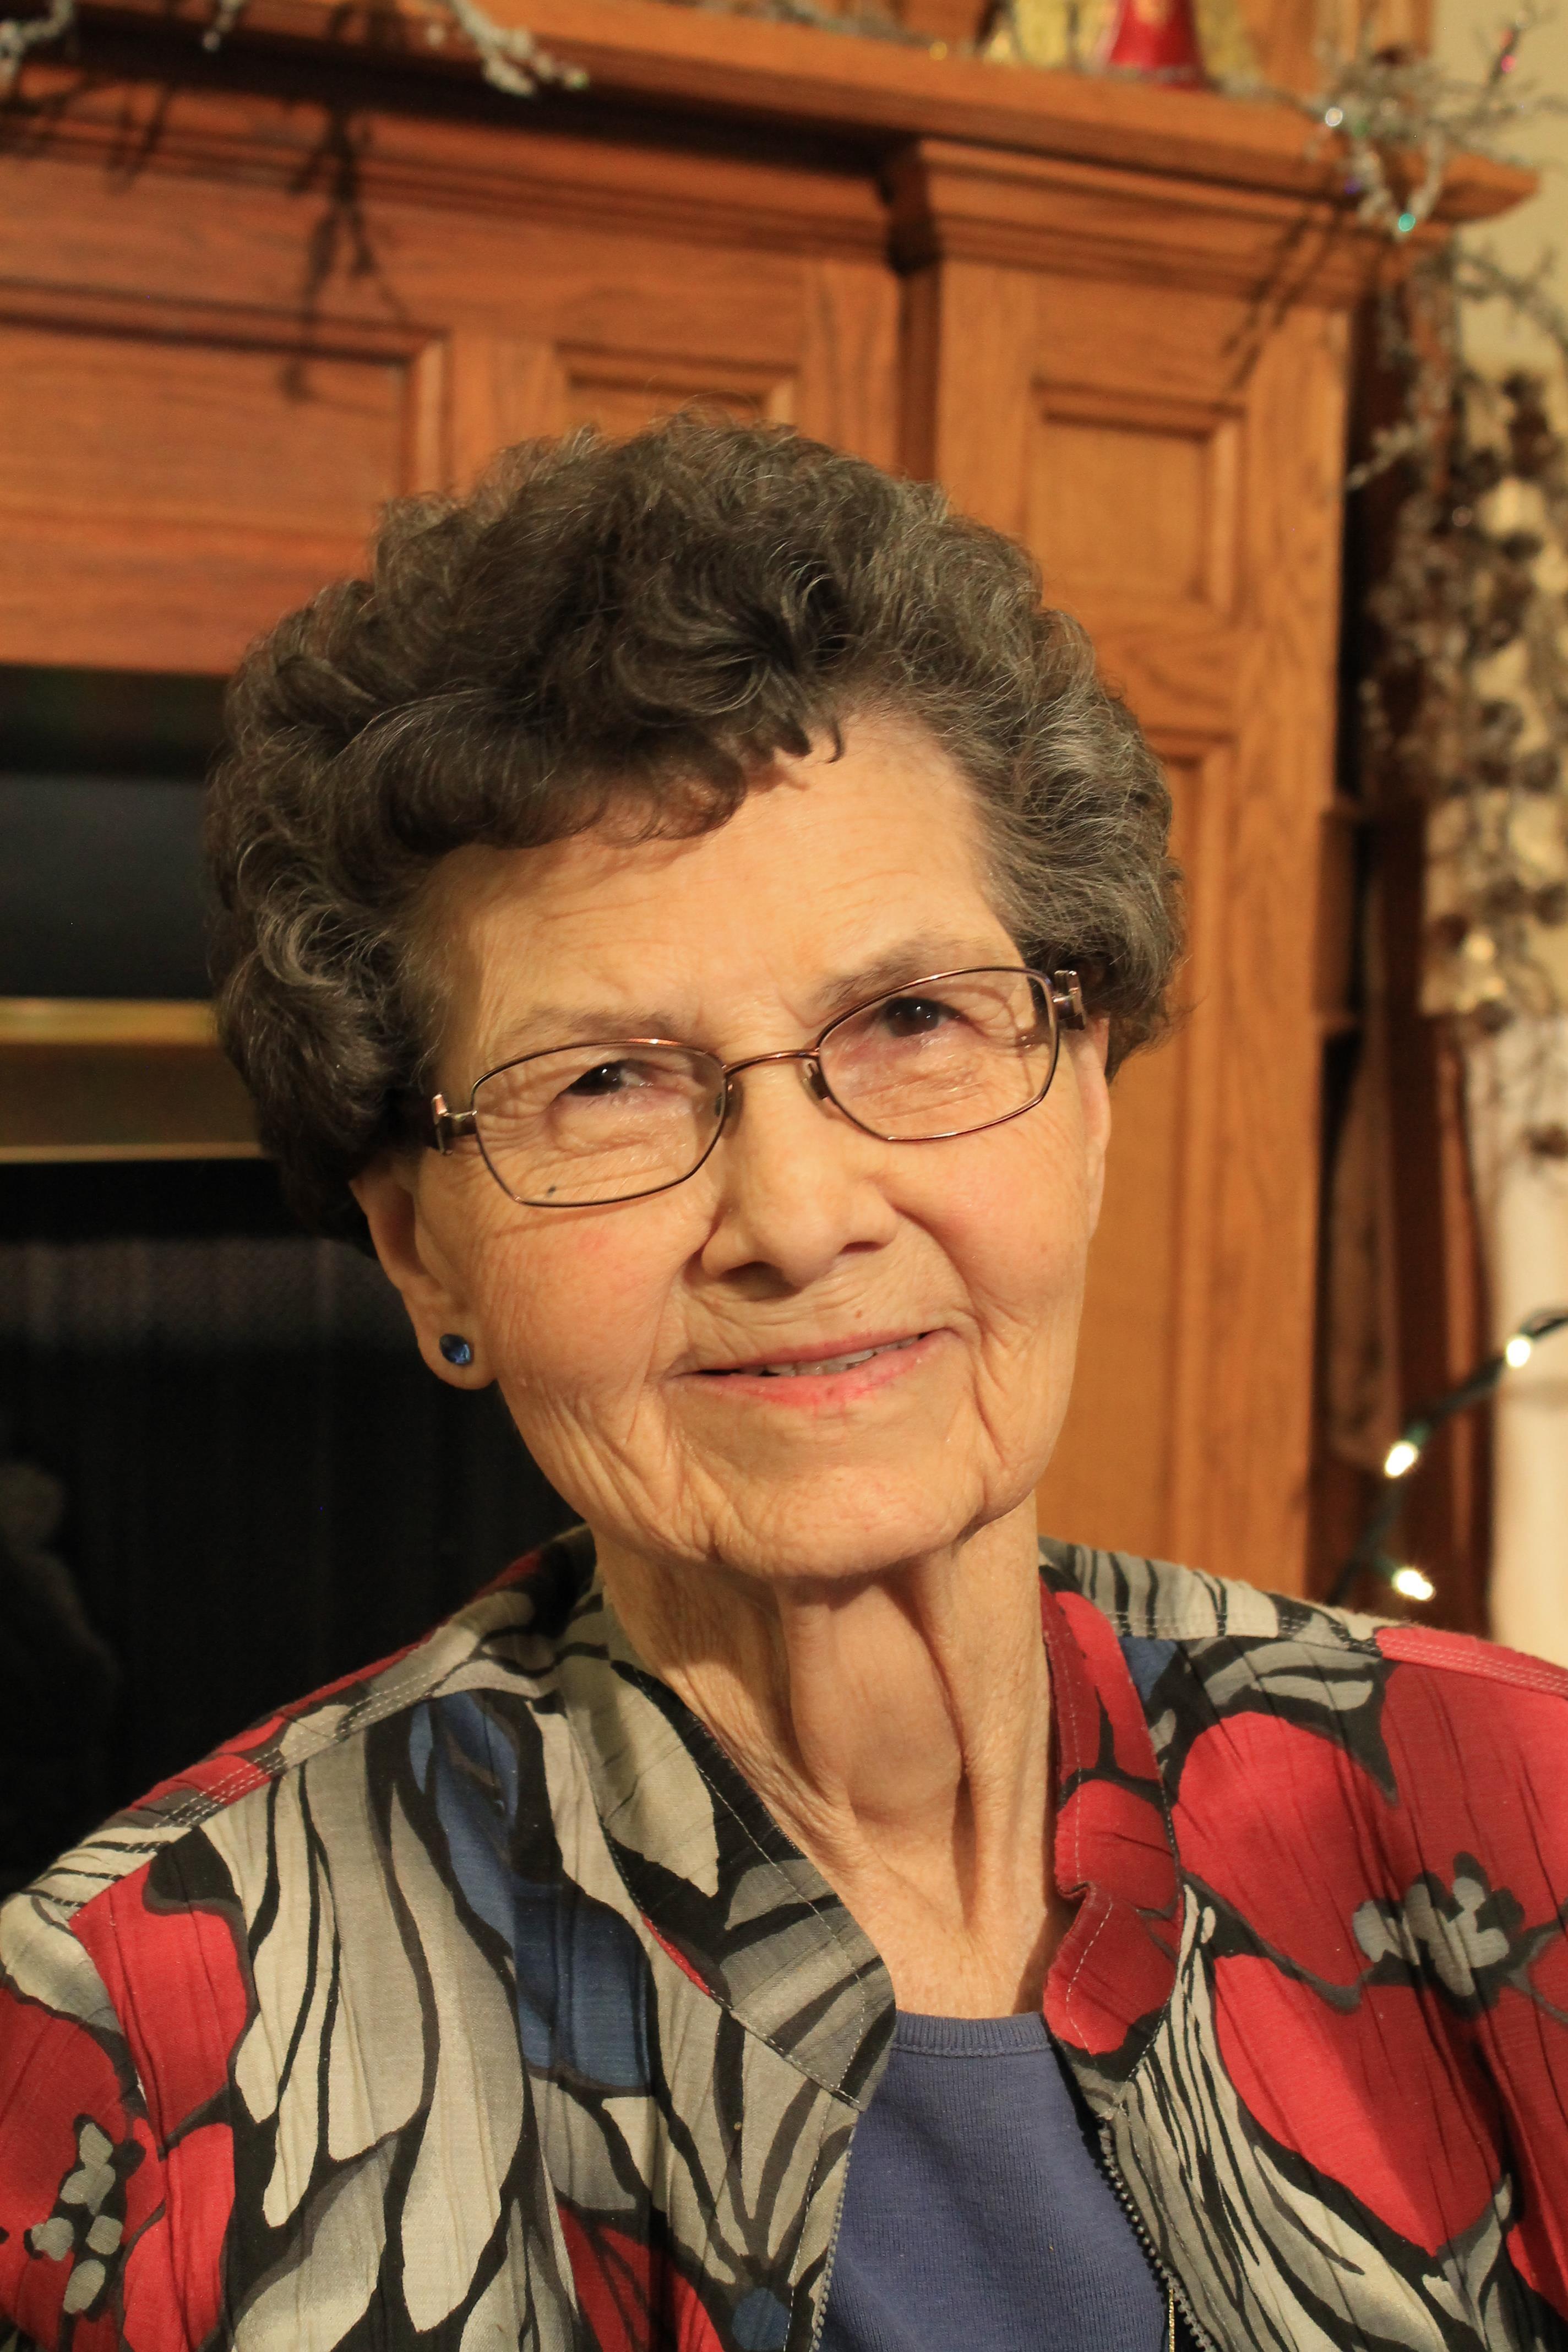 Gail J. Godbersen of Wayne, Nebraska